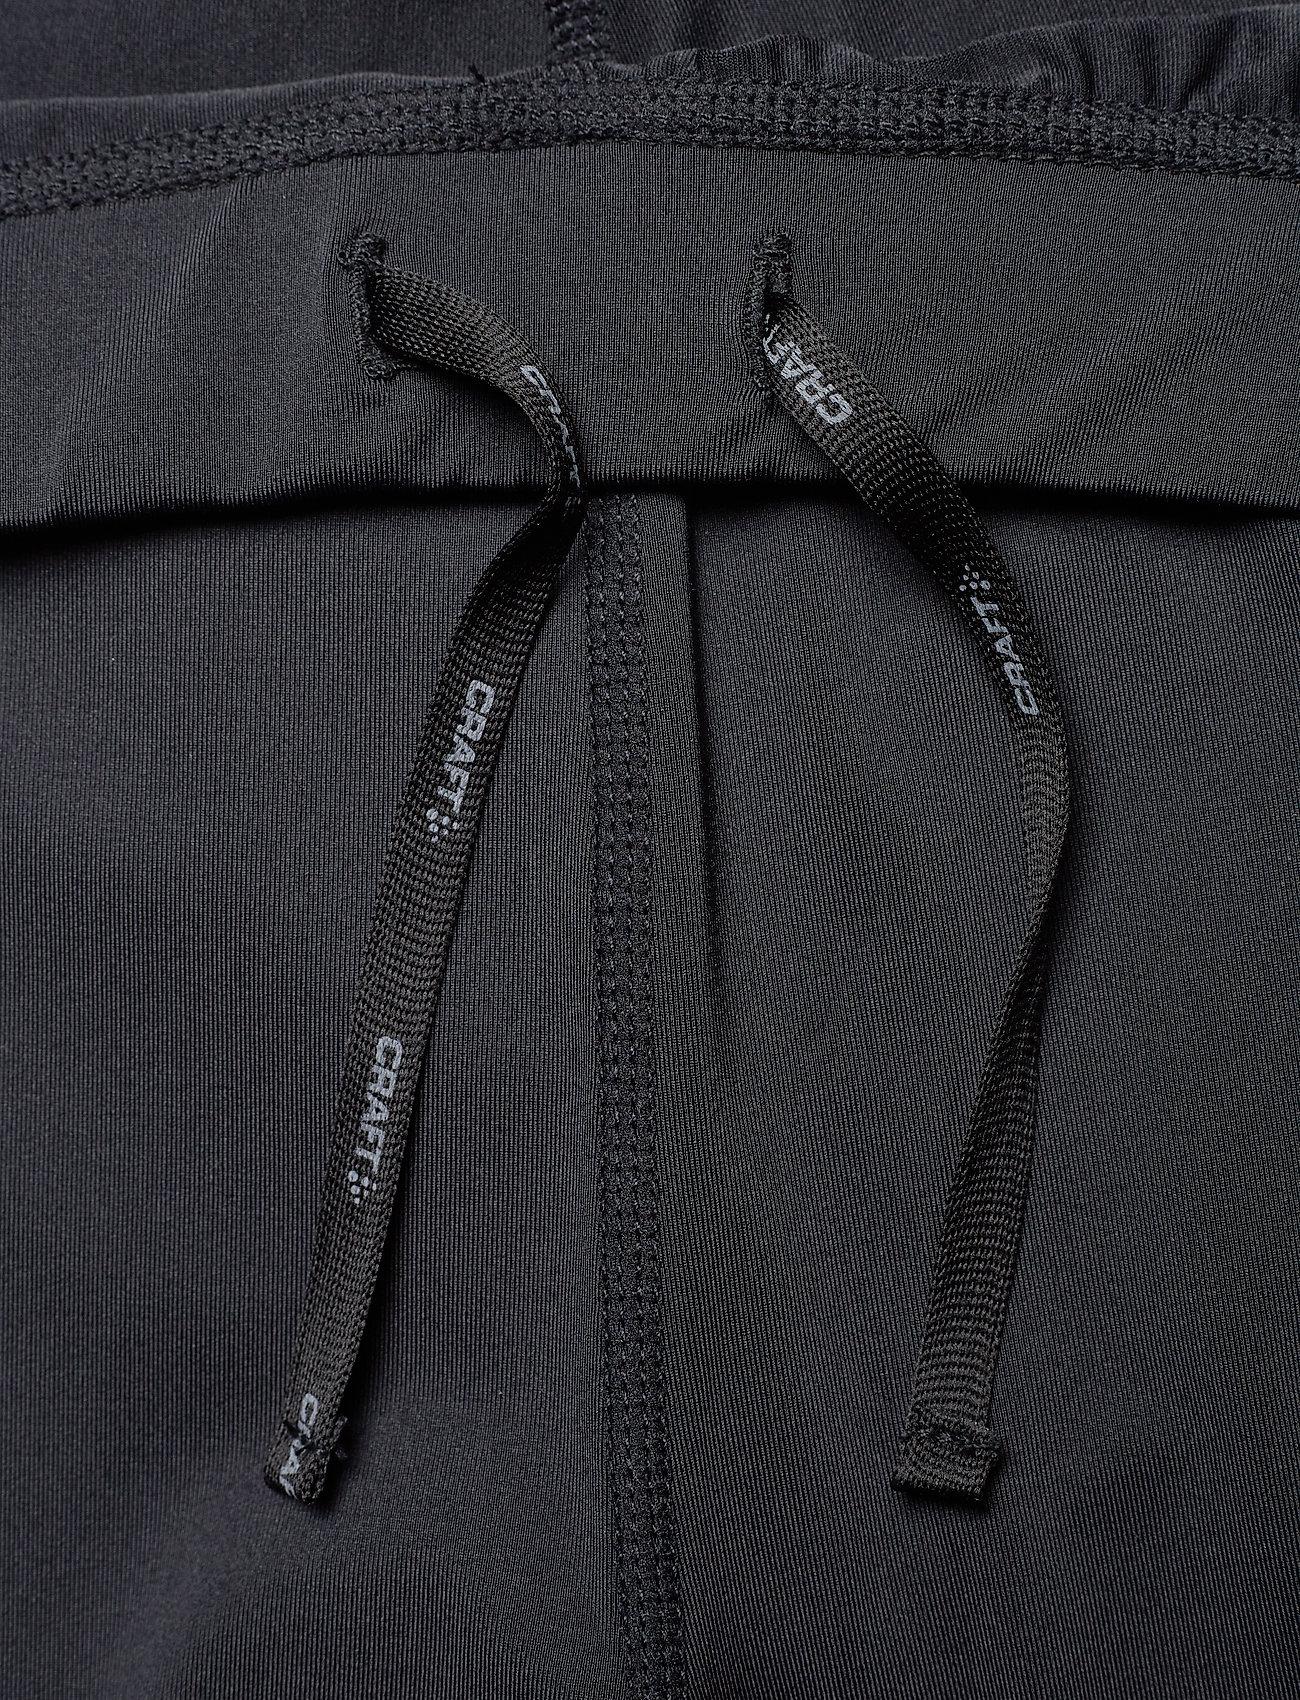 Craft HYDRO TIGHTS M - Tights & Shorts BLACK - Menn Klær